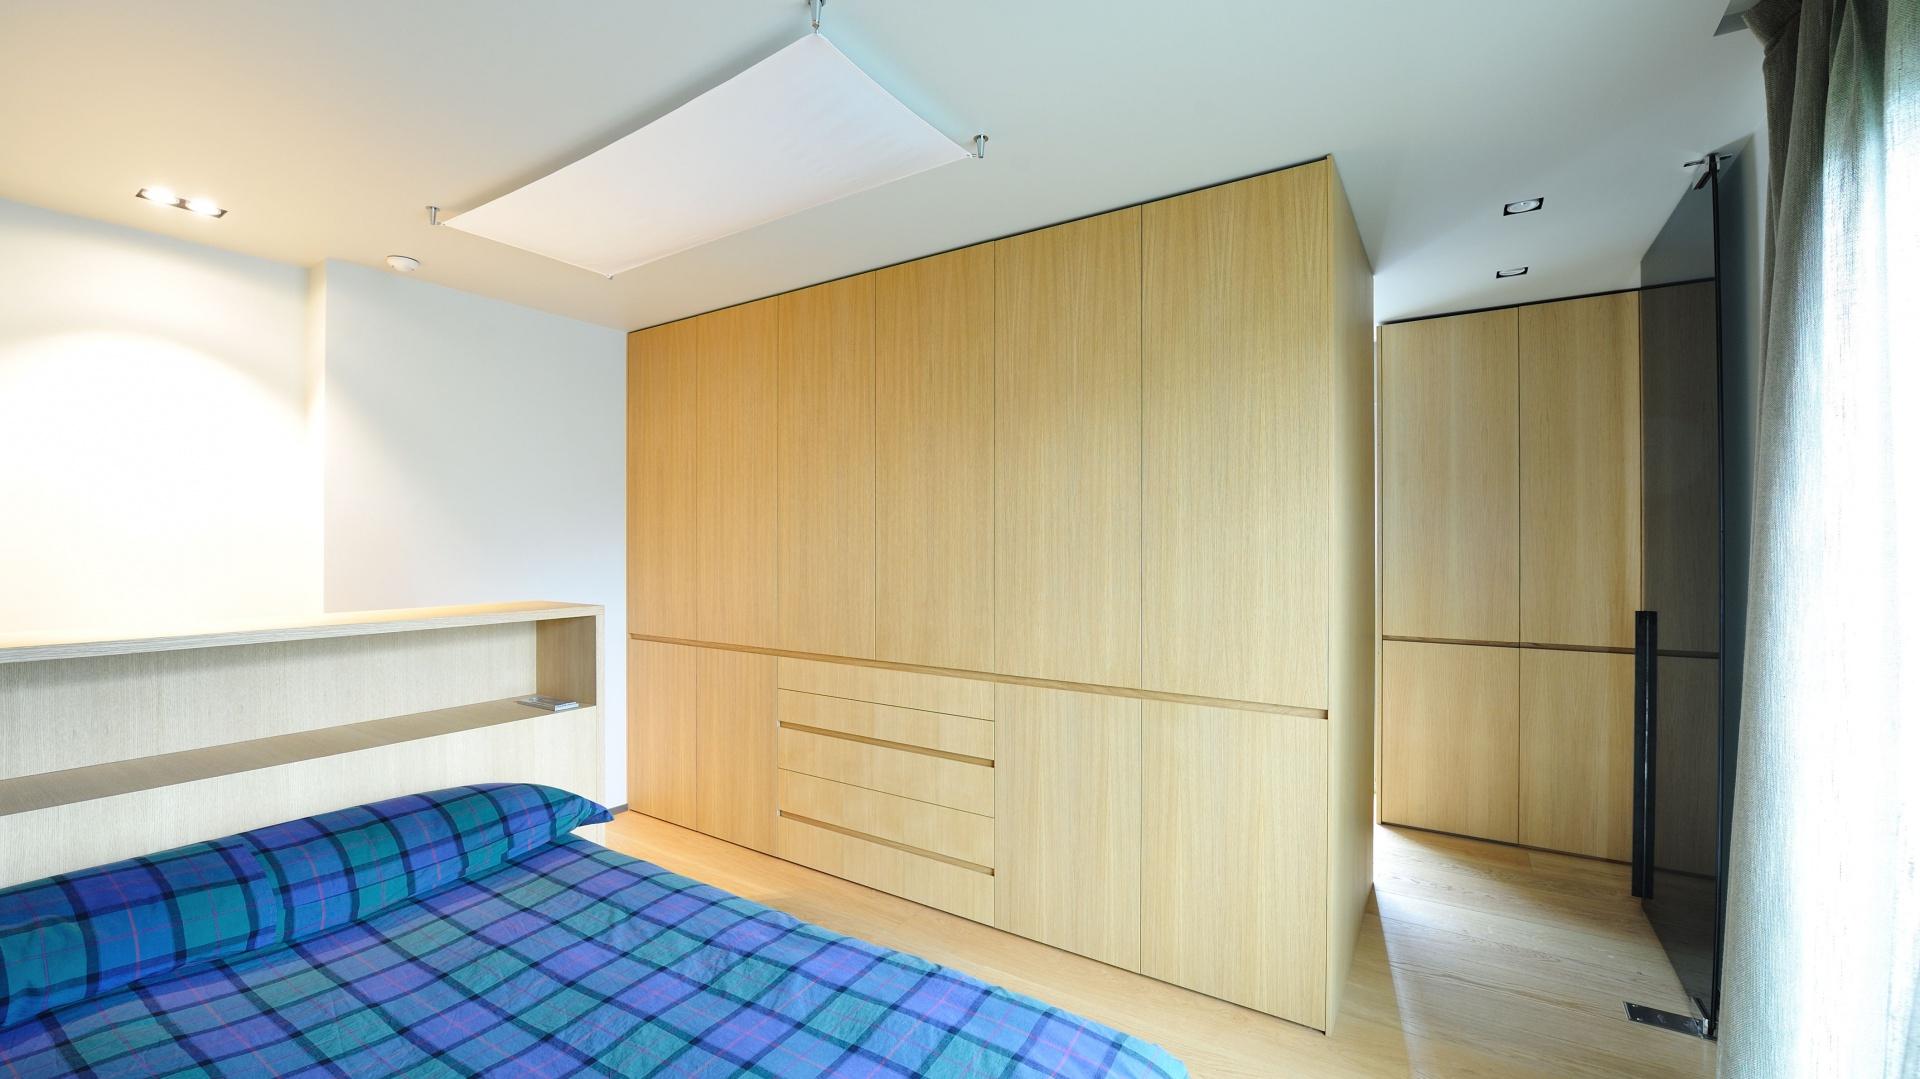 Pojemne szafy pe ni przytulne wn trze jasne i - Coblonal arquitectura ...